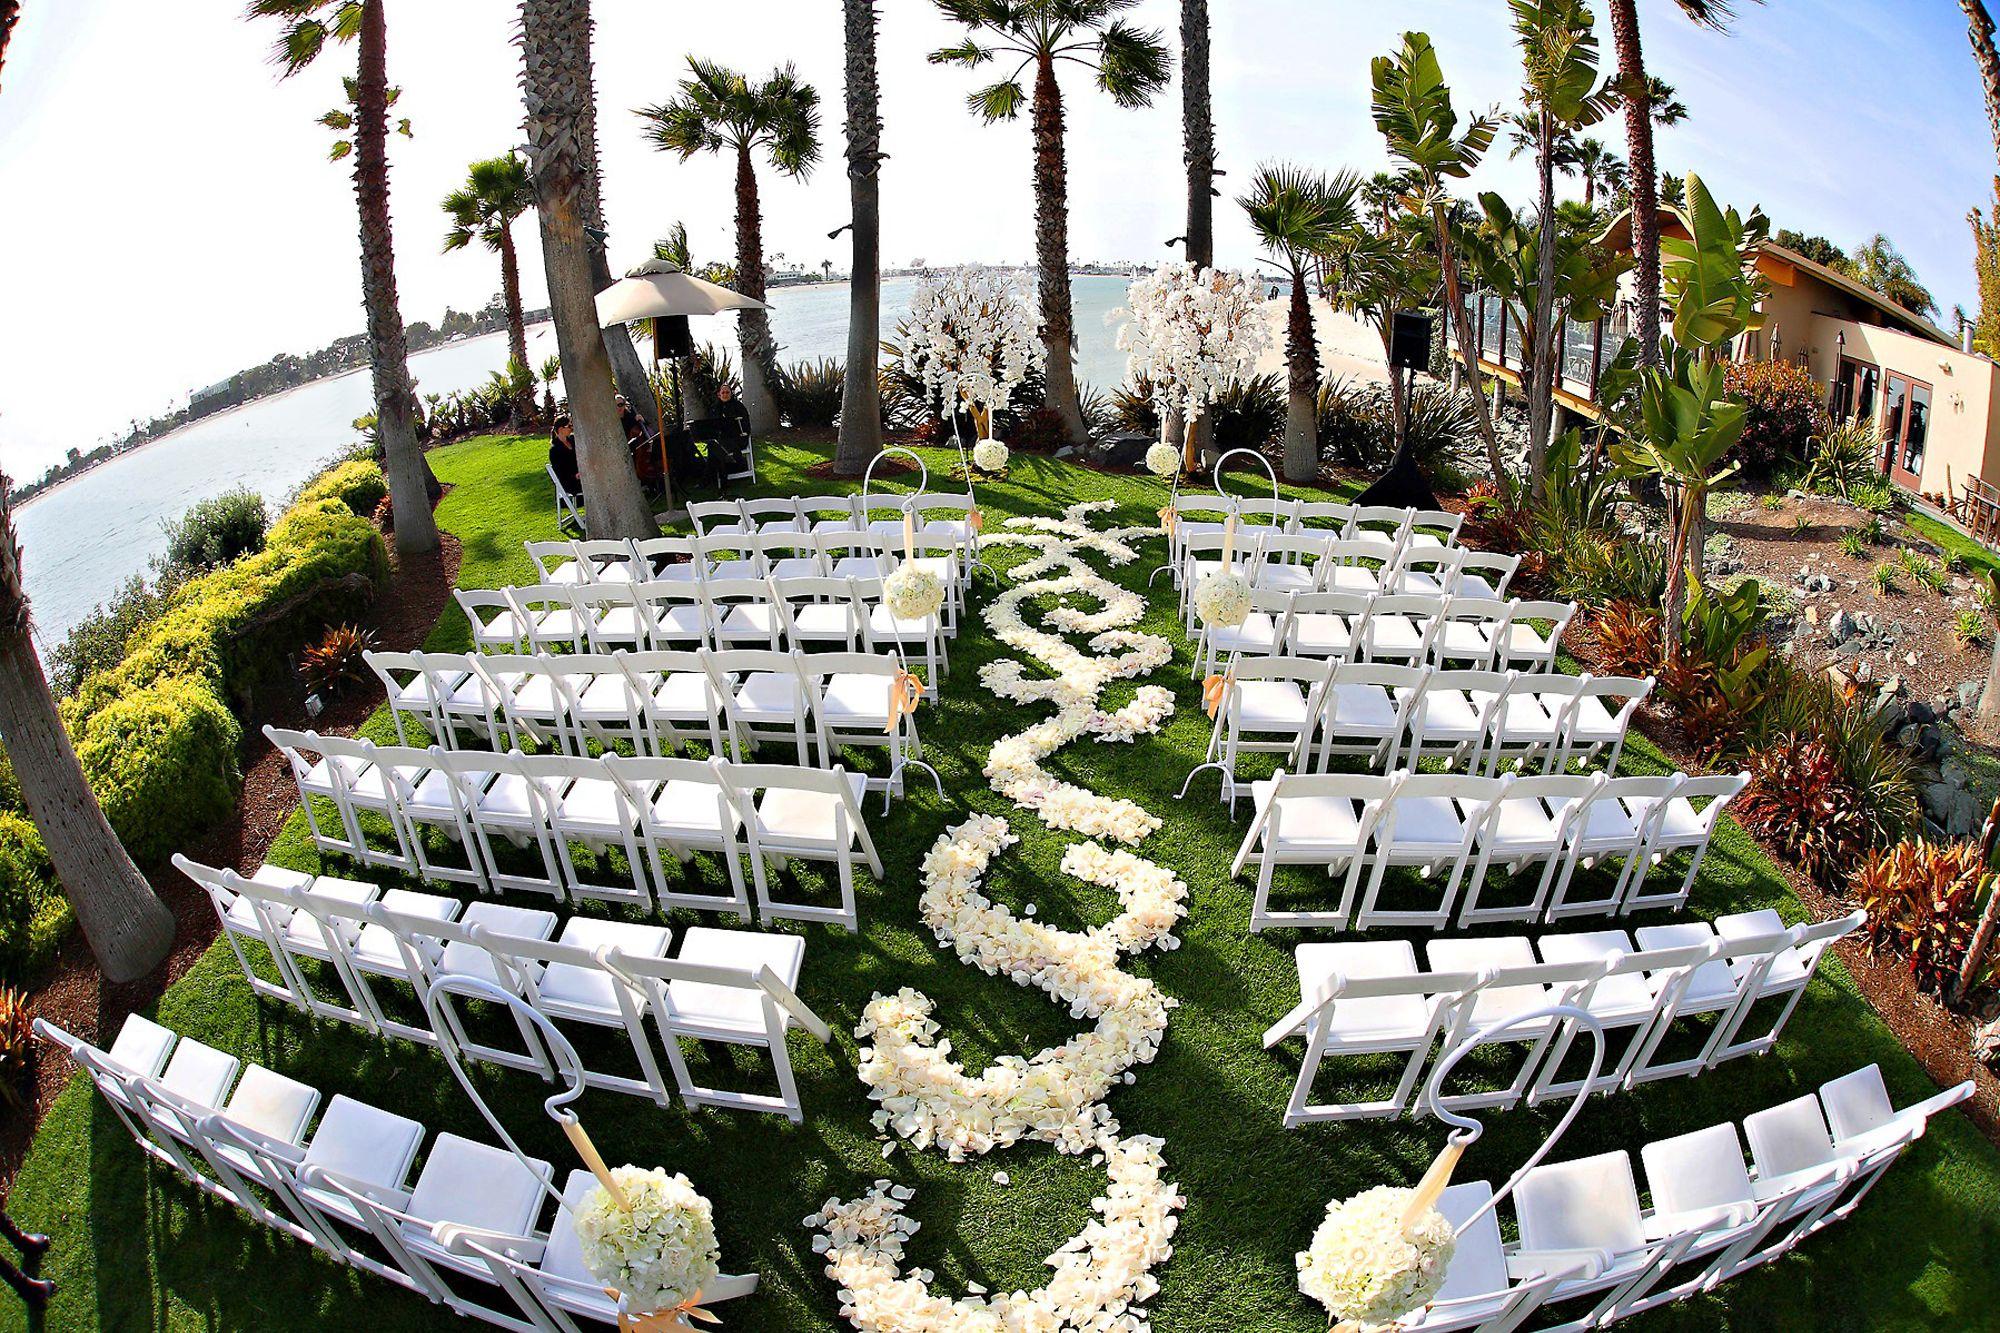 Island Point Lawn beach wedding venue in San Diego at